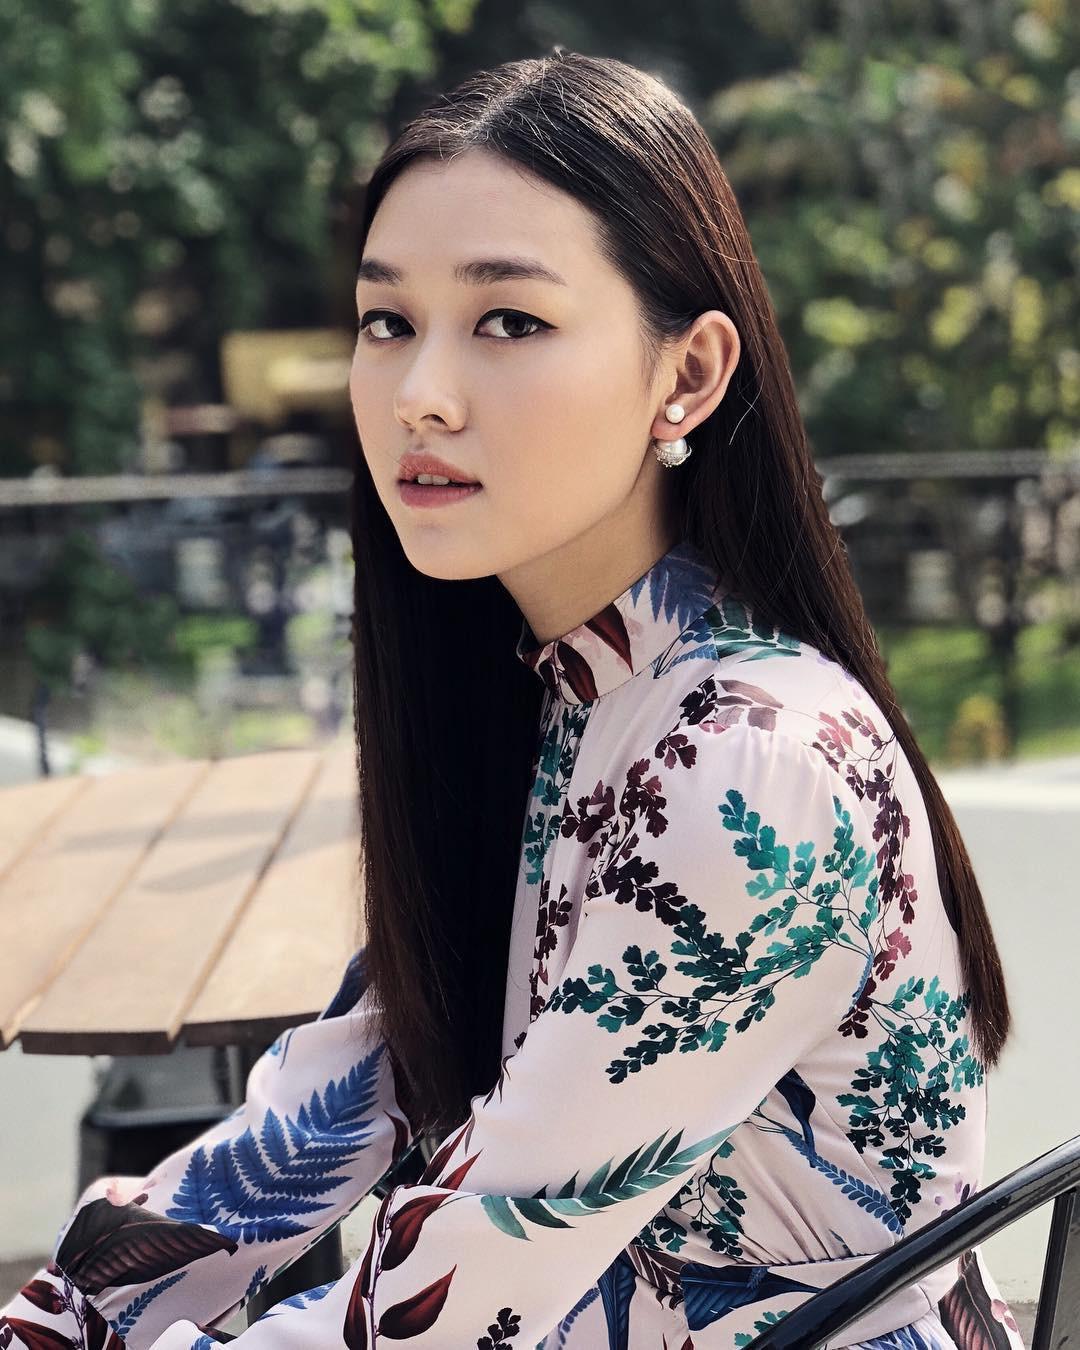 4 nàng mẫu lookbook với thần thái hơn người, nổi đình nổi đám trên Instagram Việt năm 2018 - Ảnh 17.